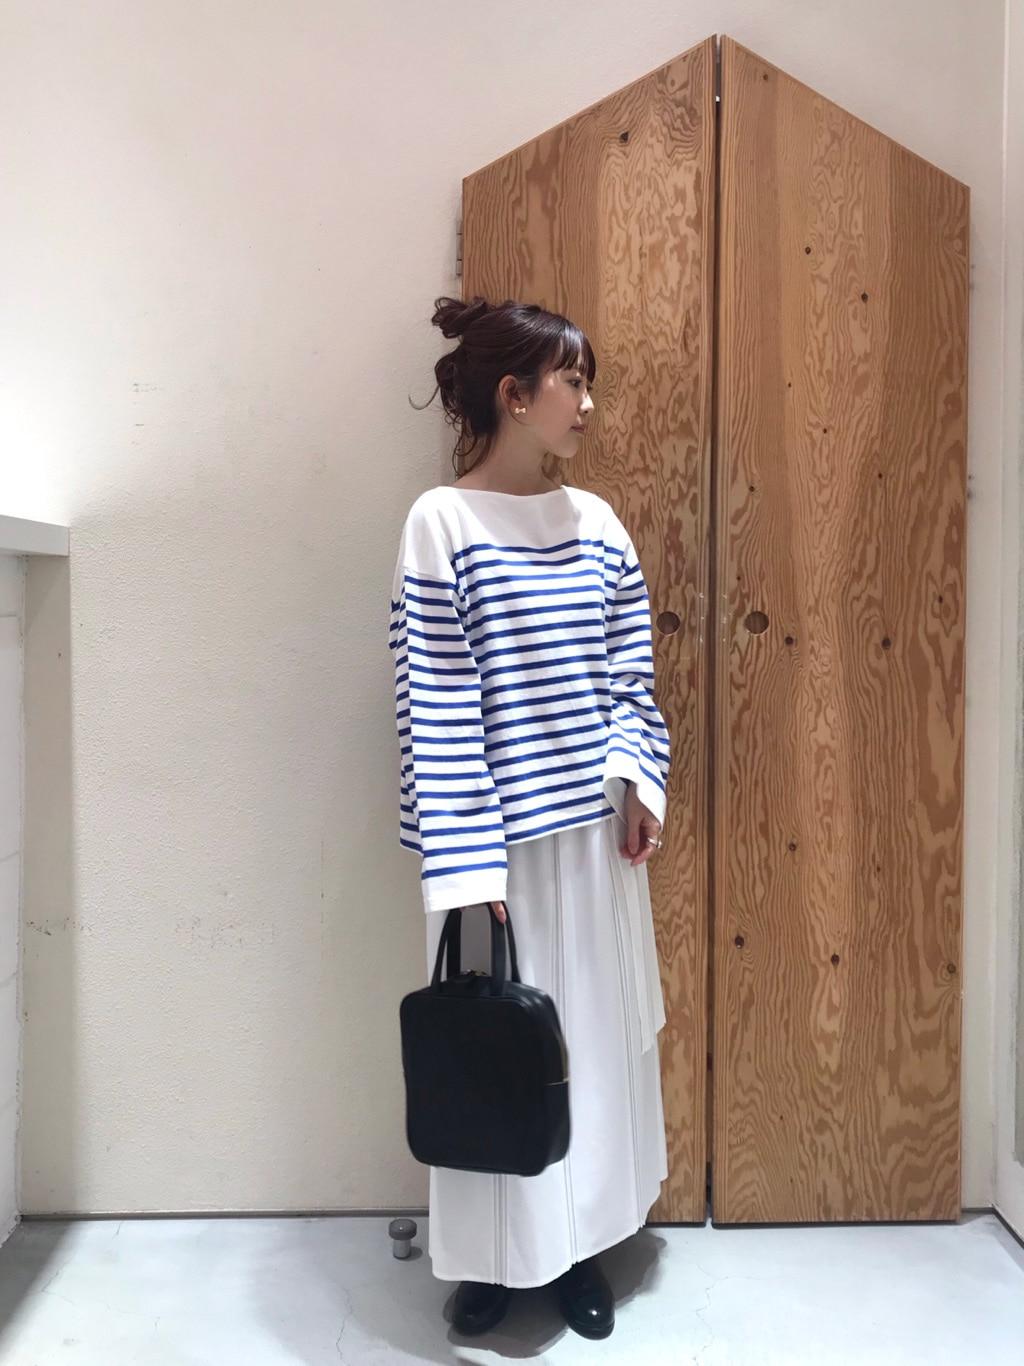 l'atelier du savon グランフロント大阪 身長:152cm 2021.02.12